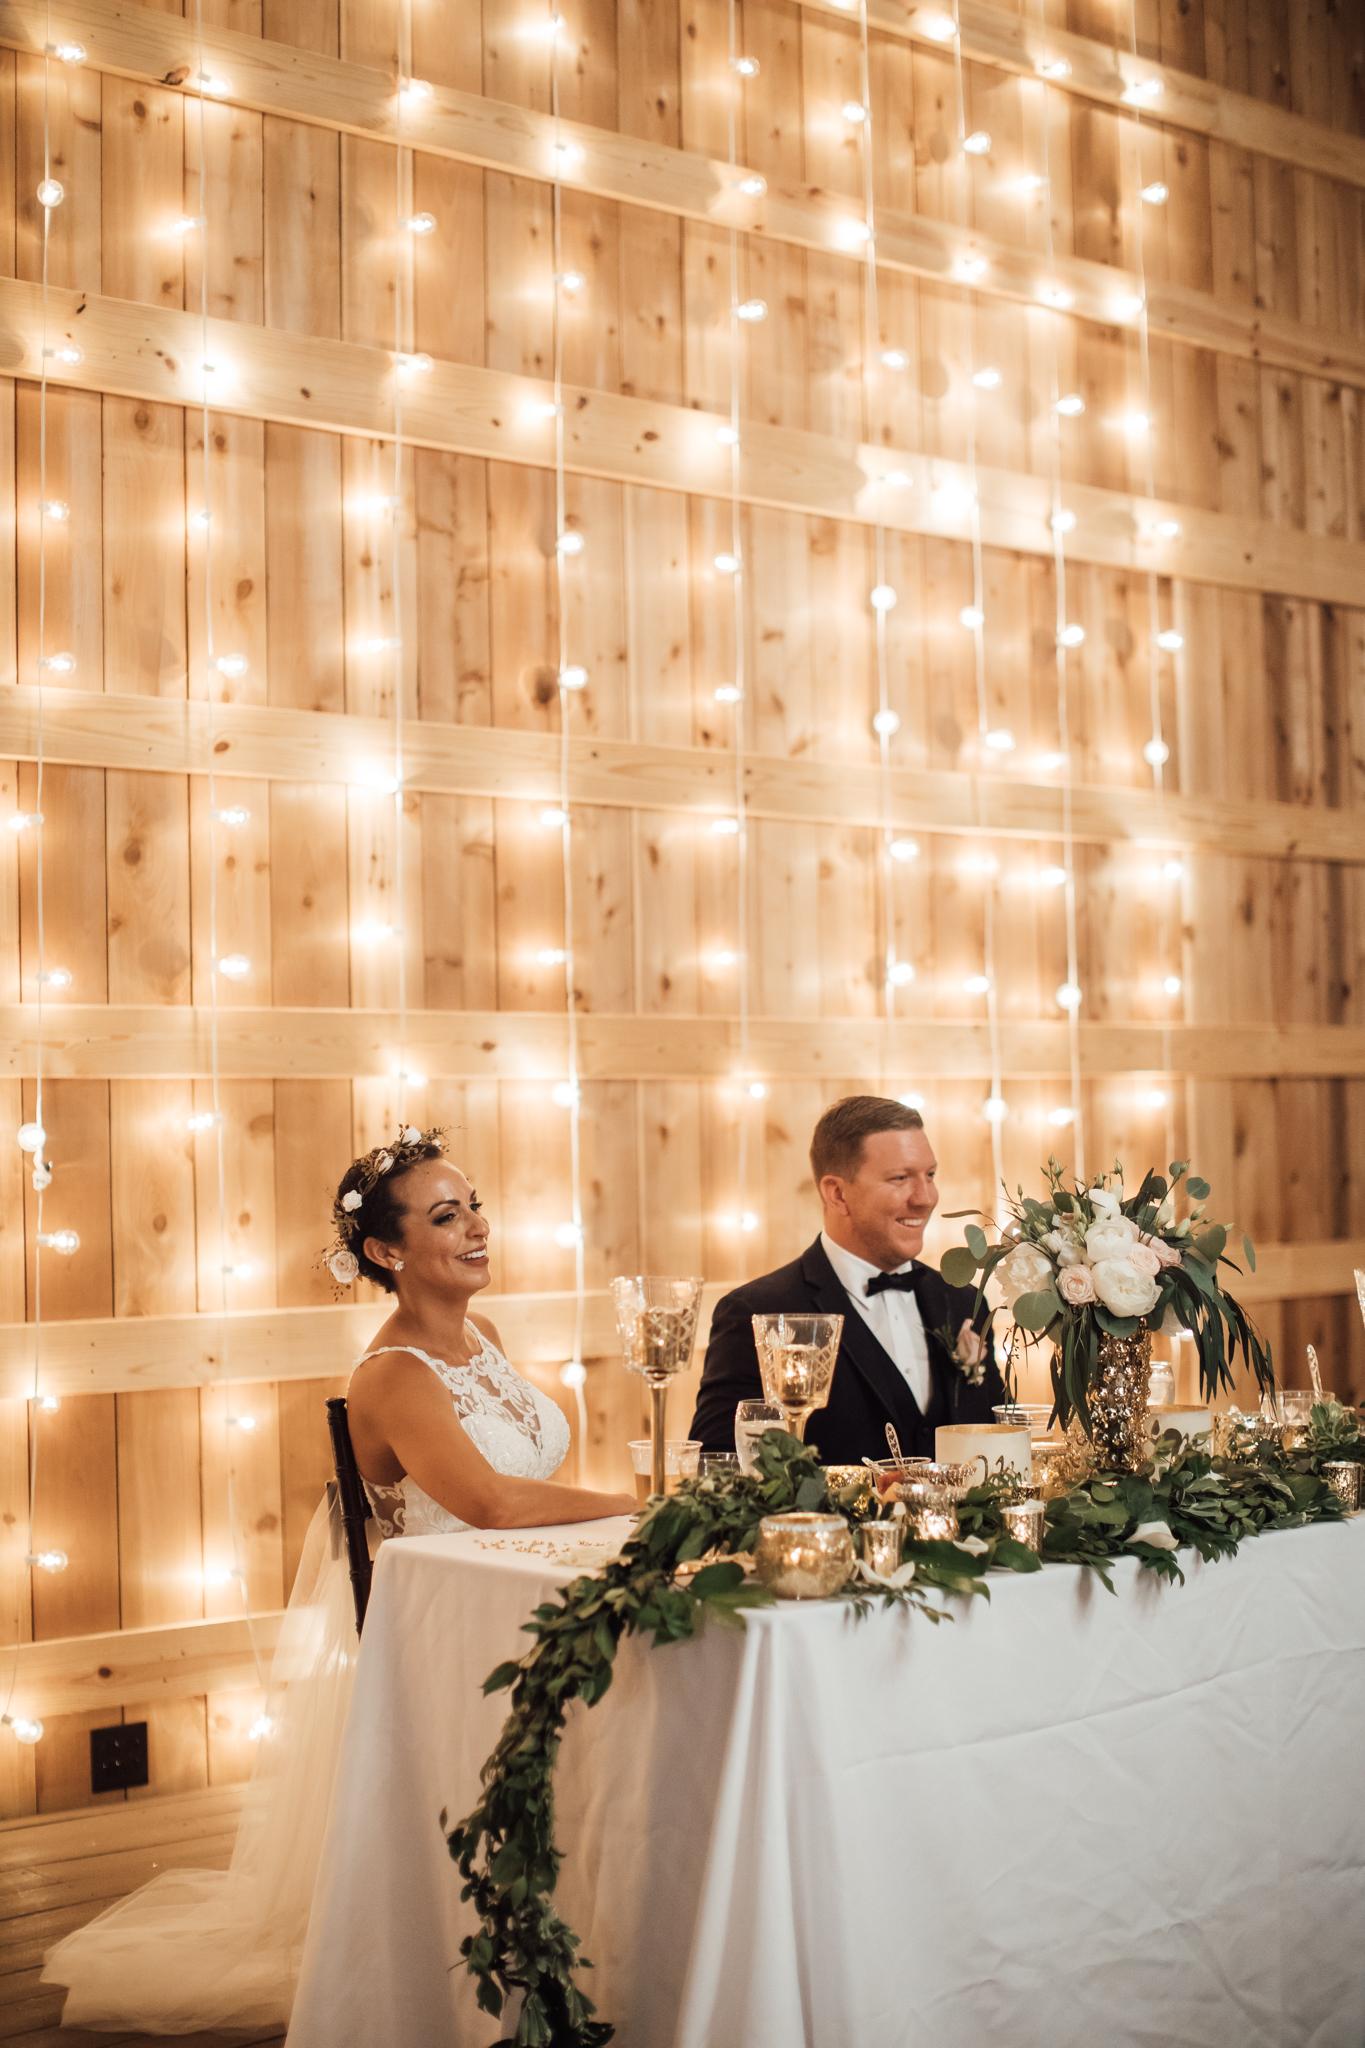 saddlewoodsfarms-nashville-wedding-photographer-thewarmtharoundyou-rustic-wedding (58 of 251).jpg